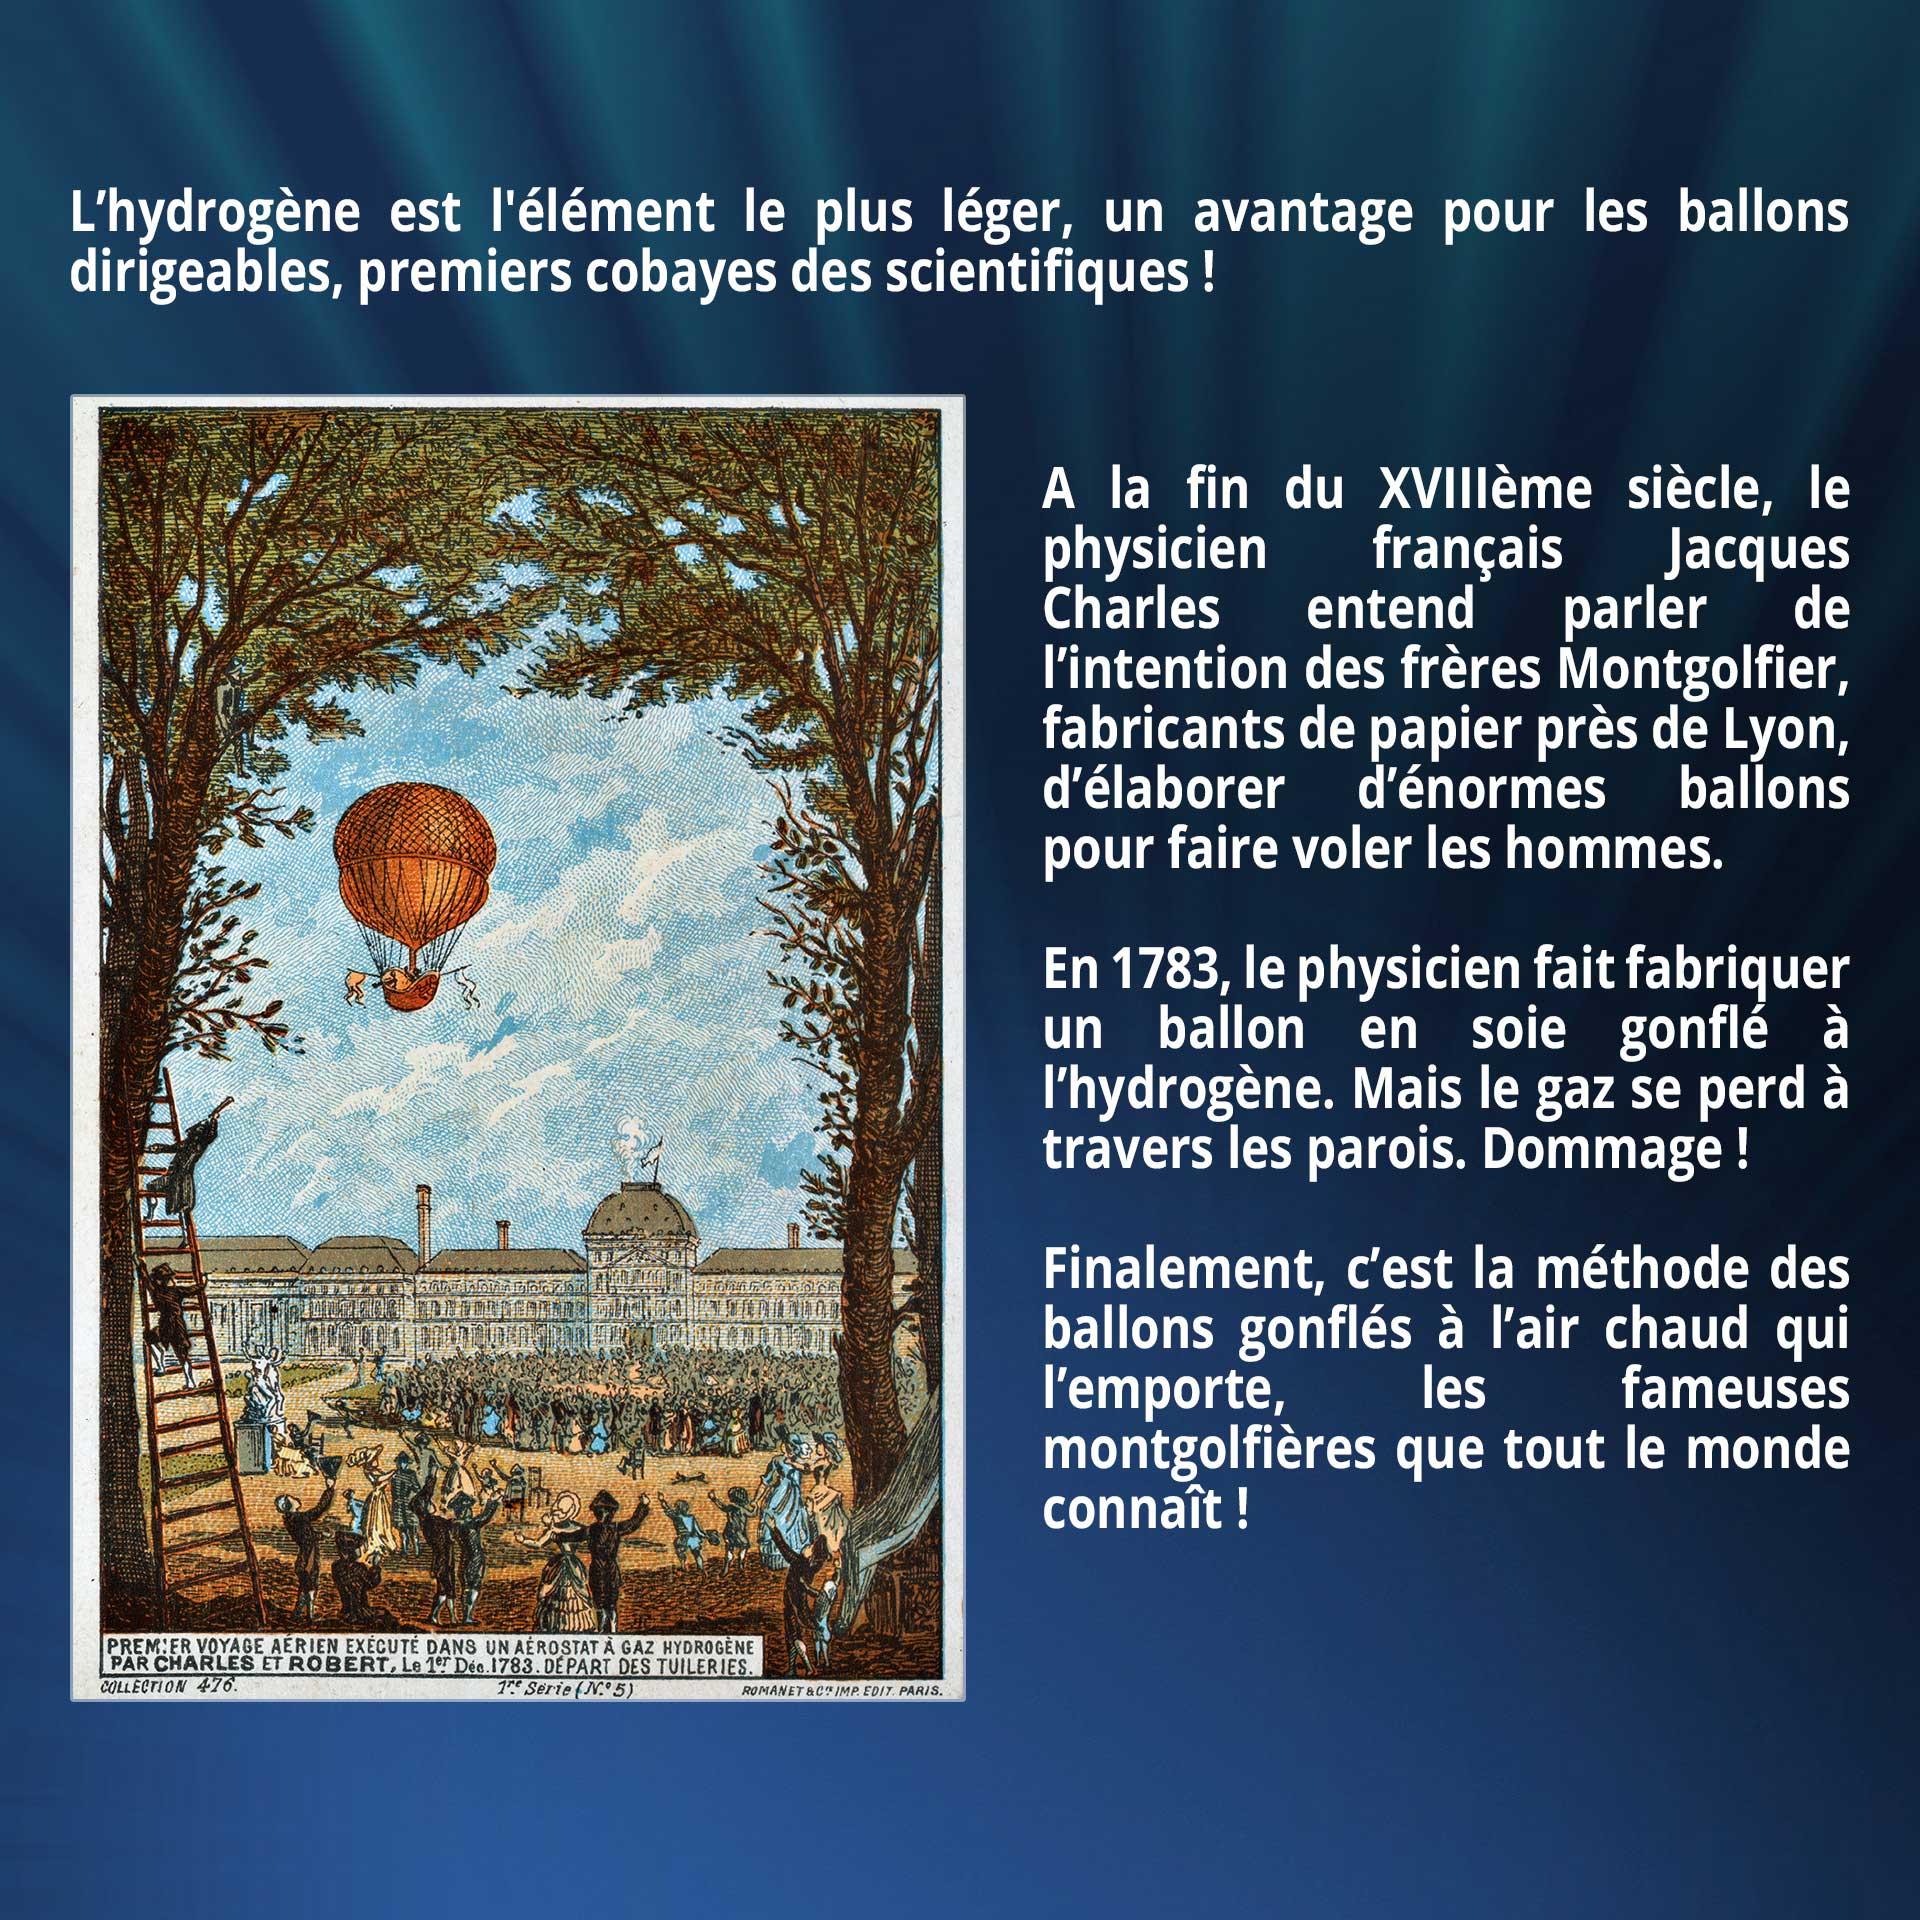 L'hydrogène est l'élément le plus léger, un avantage pour les ballons dirigeables, premiers cobayes des scientifiques ! A la fin du XVIIIème siècle, le physicien français Jacques Charles entend parler de l'intention des frères Montgolfier, fabricants de papier près de Lyon, d'élaborer d'énormes ballons pour faire voler les hommes. En 1783, le physicien fait fabriquer un ballon en soie gonflé à l'hydrogène. Mais le gaz se perd à travers les parois. Dommage ! Finalement, c'est la méthode des ballons gonflés à l'air chaud qui l'emporte, les fameuses montgolfières que tout le monde connaît !